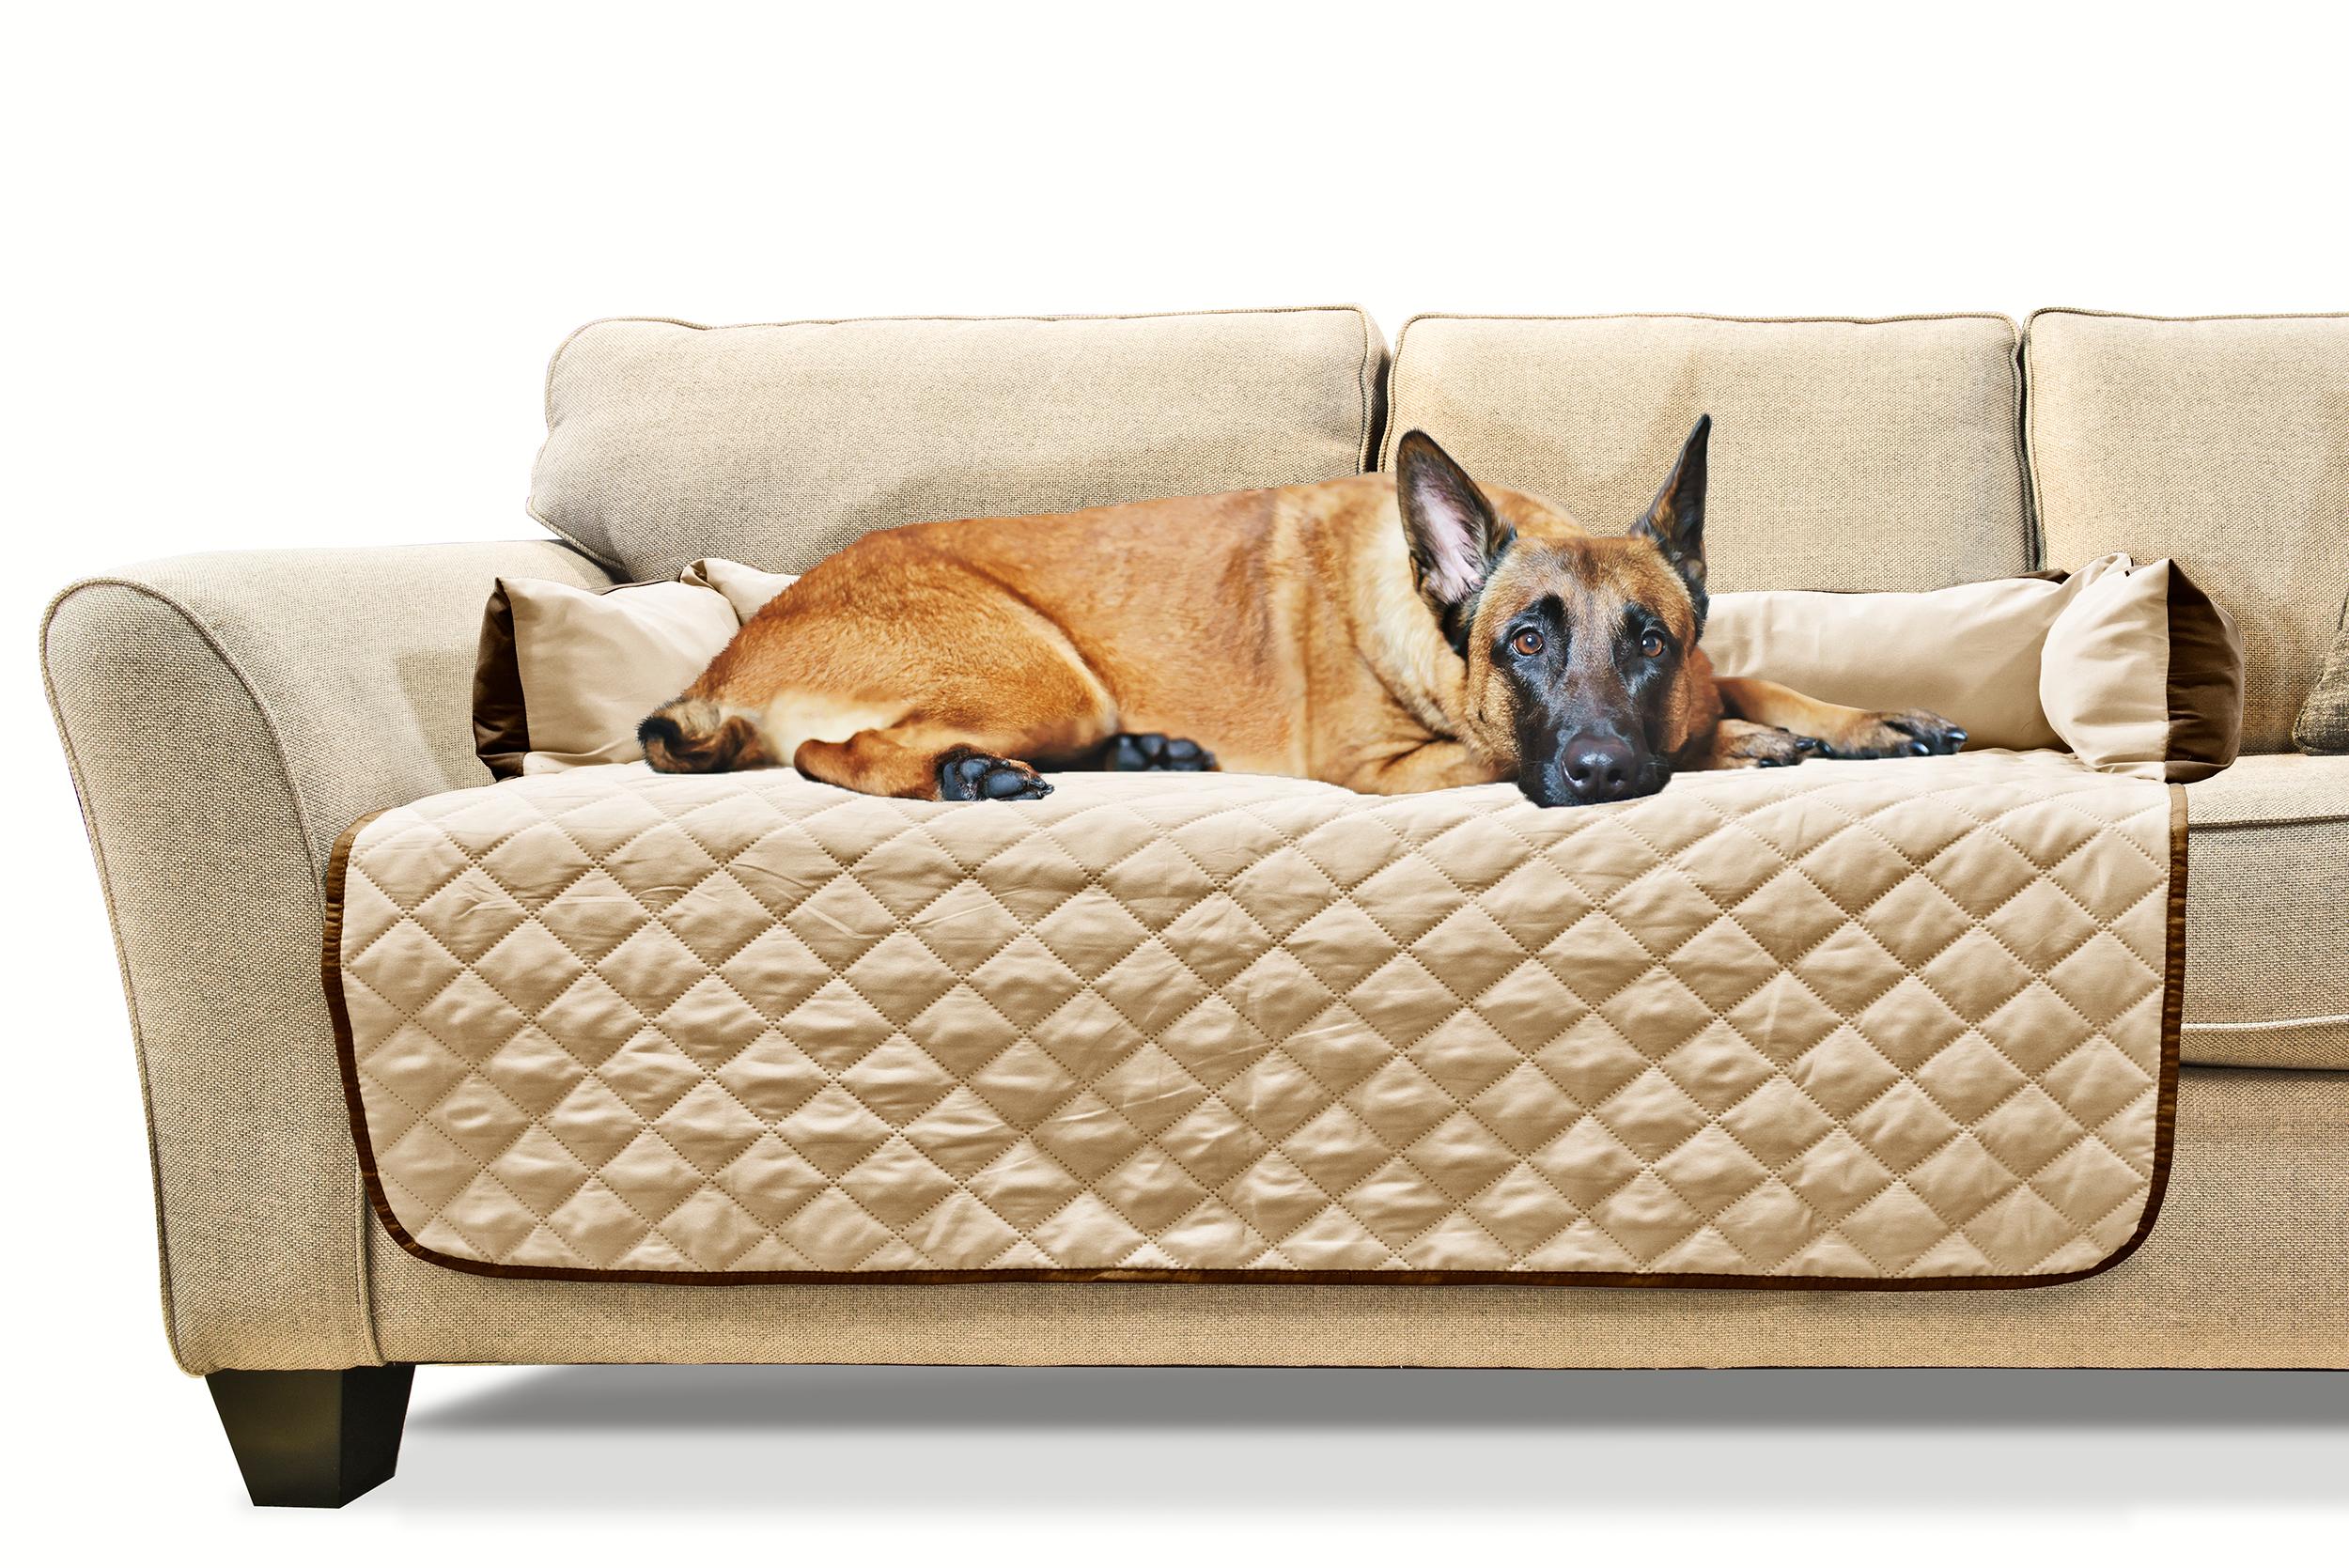 furhaven sofa buddy pet bed furniture cover ebay. Black Bedroom Furniture Sets. Home Design Ideas